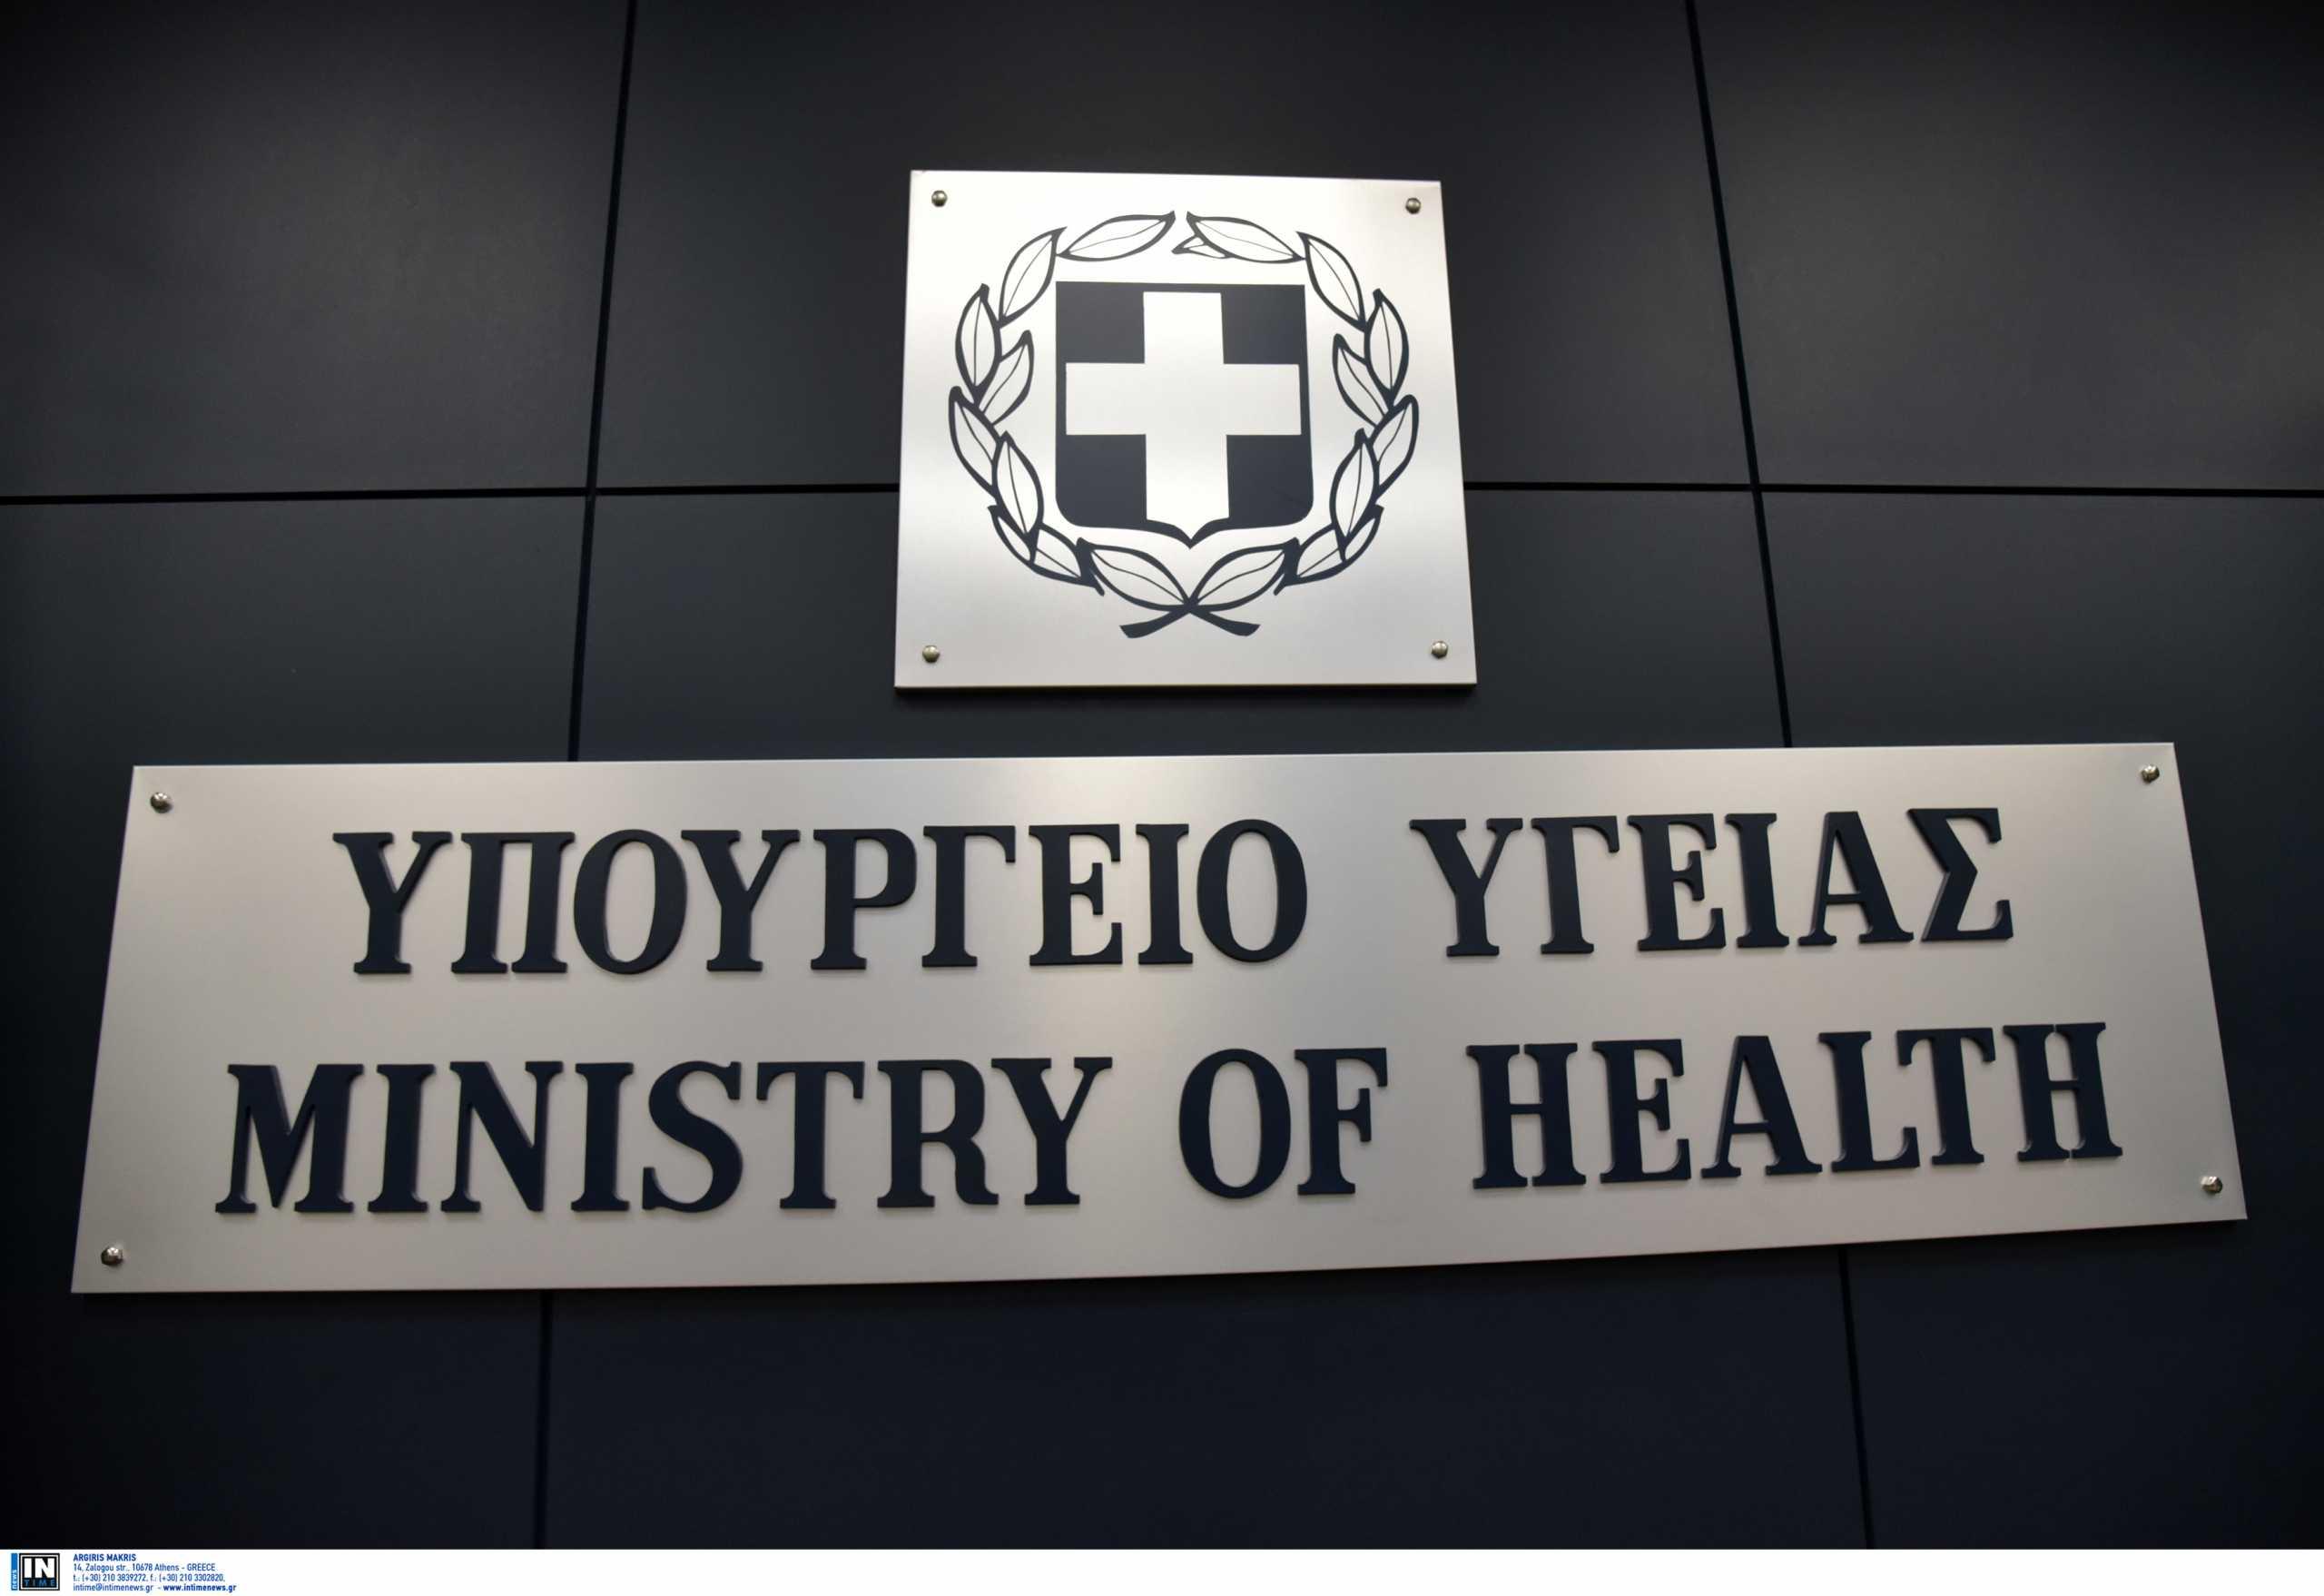 Κορονοϊός: Αντιδράσεις για το ακαταδίωκτο των λοιμωξιολόγων – Τι λένε Εξαδάκτυλος και Παγώνη (vid)